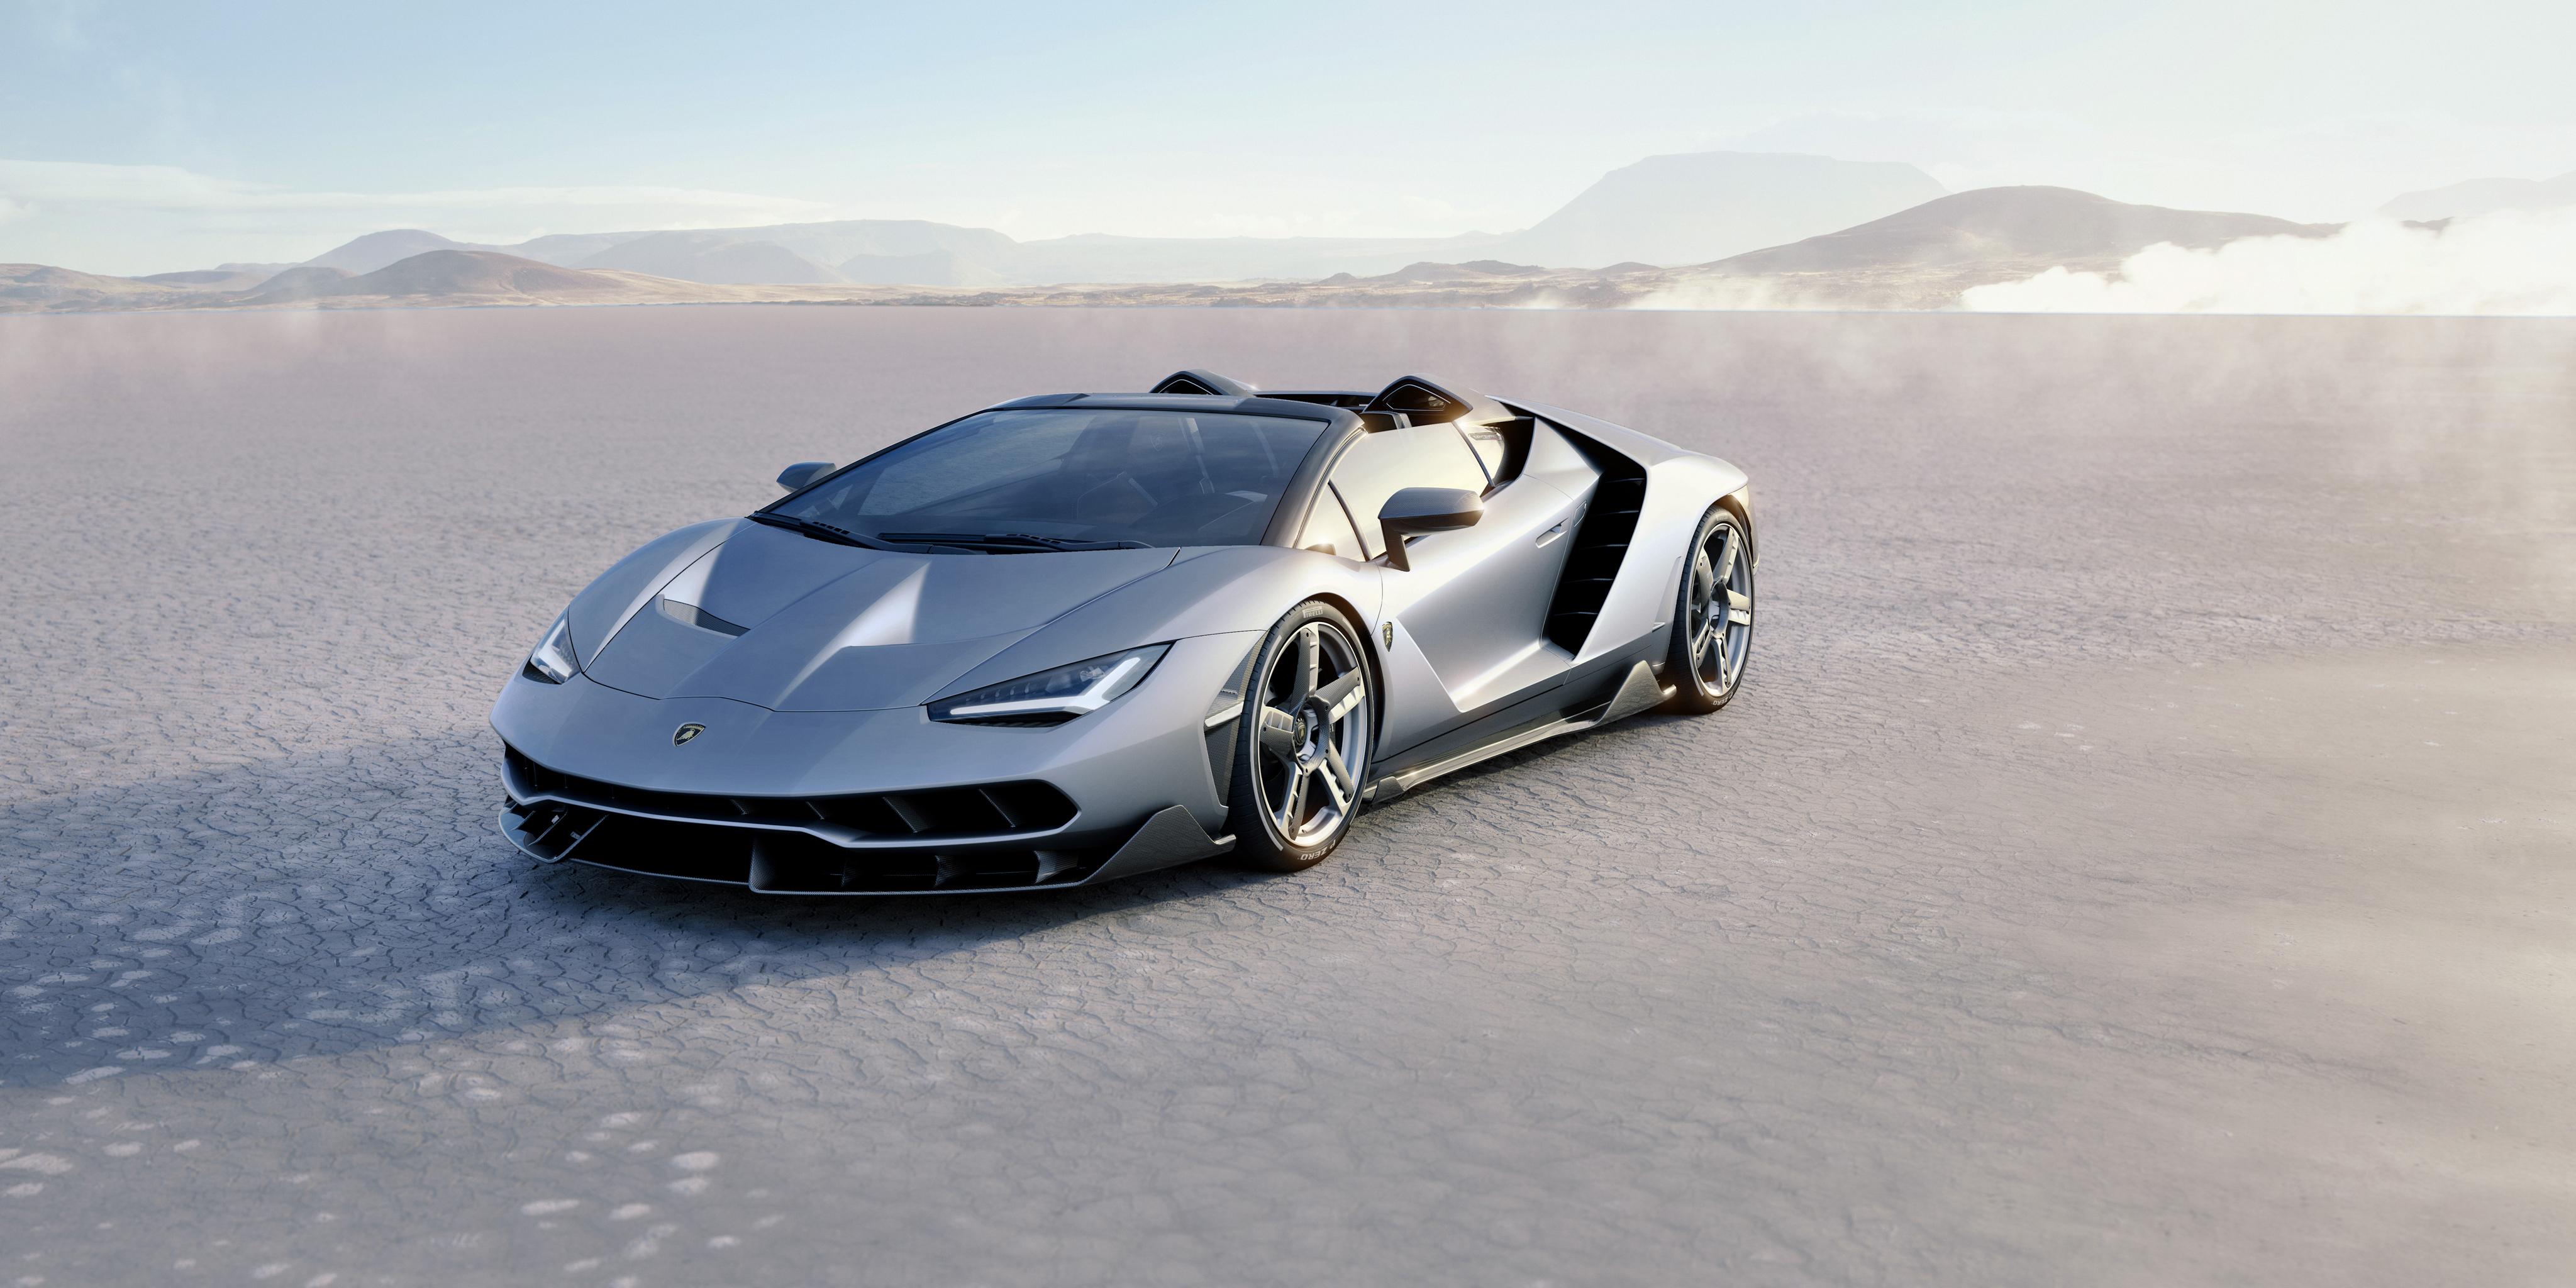 Картинки Lamborghini Roadster Centenario Родстер дорогие машина Ламборгини дорогая дорогой люксовые роскошная роскошный Роскошные авто машины автомобиль Автомобили